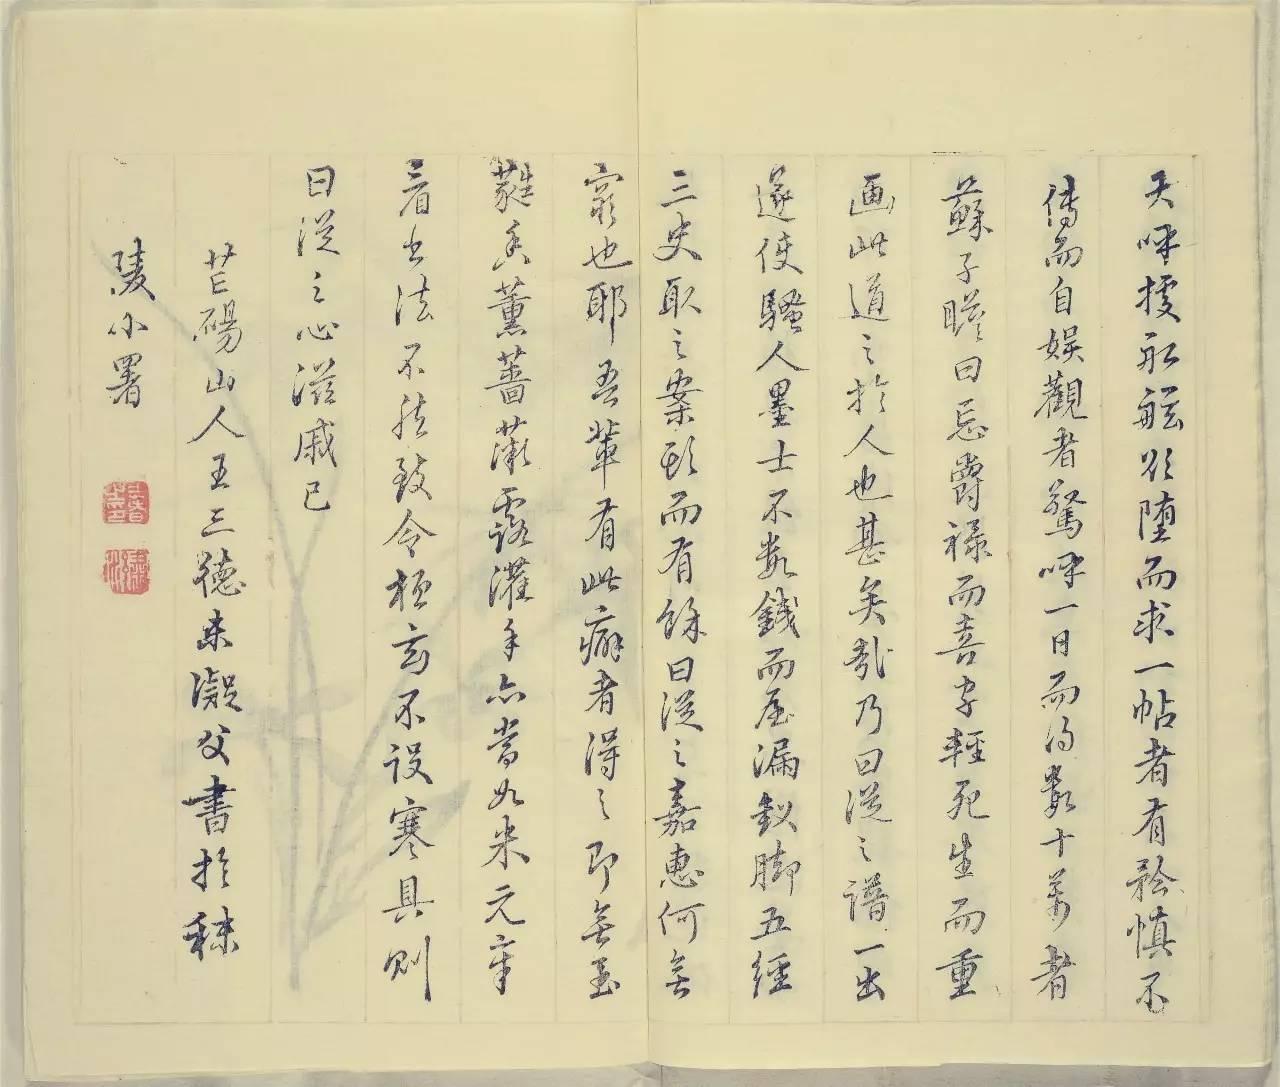 竹石曲谱刘卓_竹石图